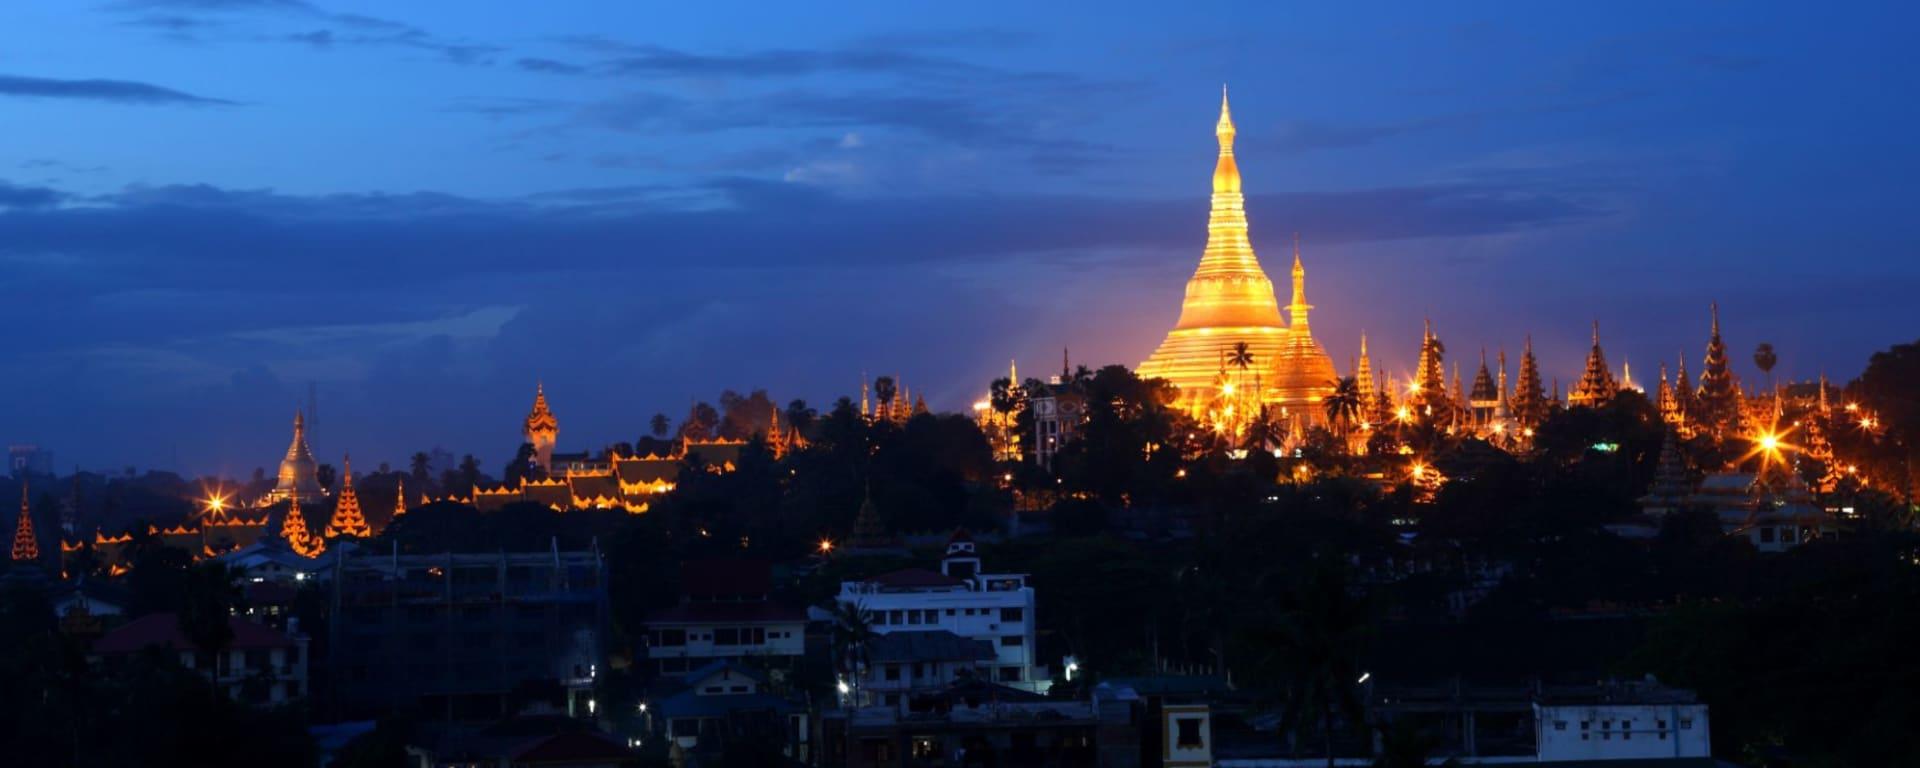 Wissenswertes zu Myanmar Reisen und Ferien: Shwedagon Pagoda Yangon